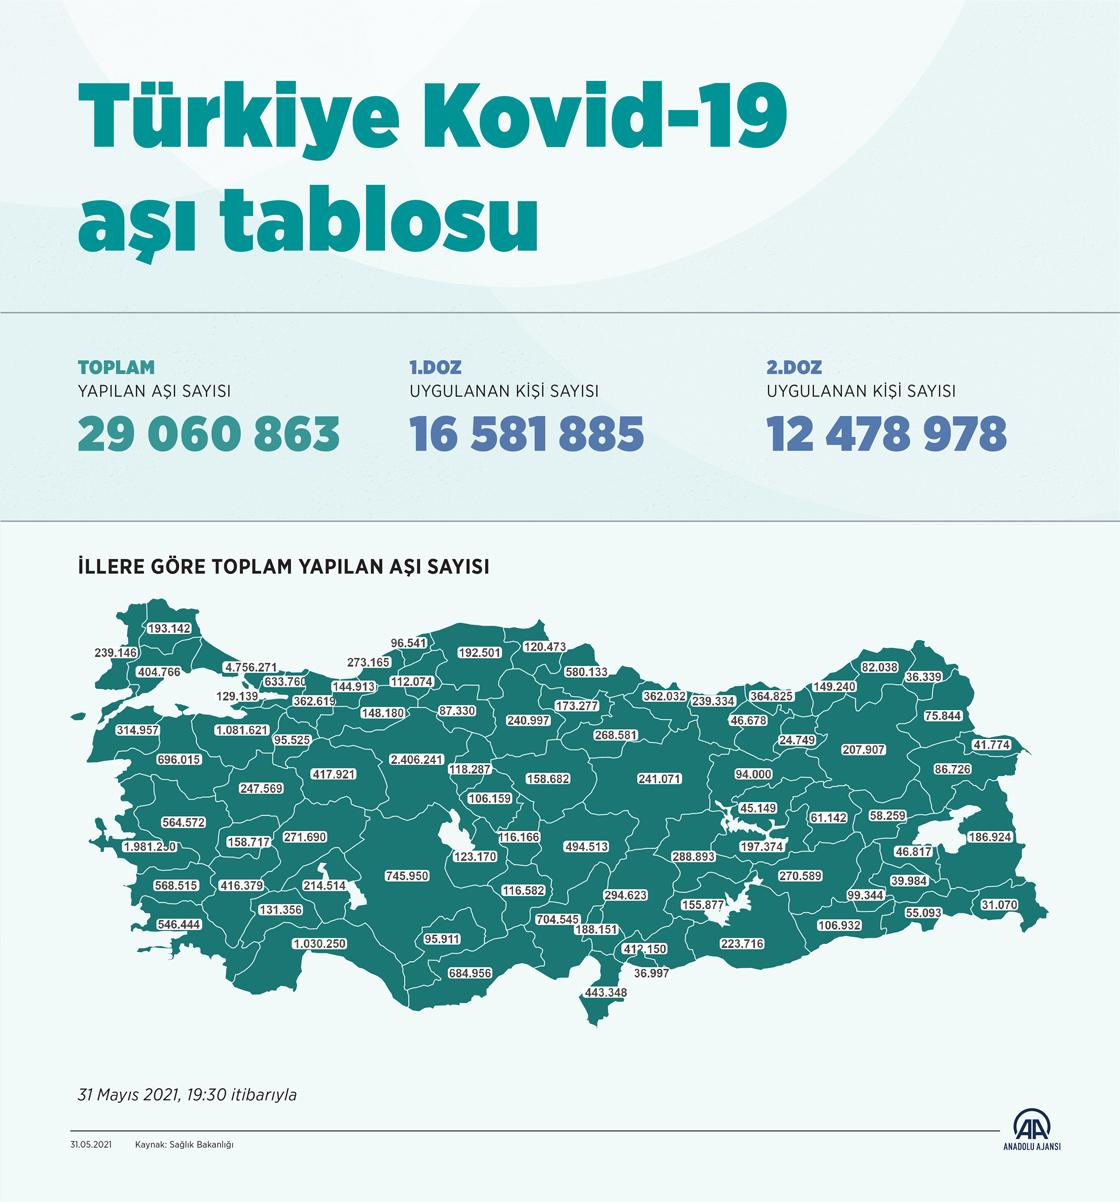 Türkiye'de 29 milyon 60 bin 863 doz Covid-19 aşısı uygulandı